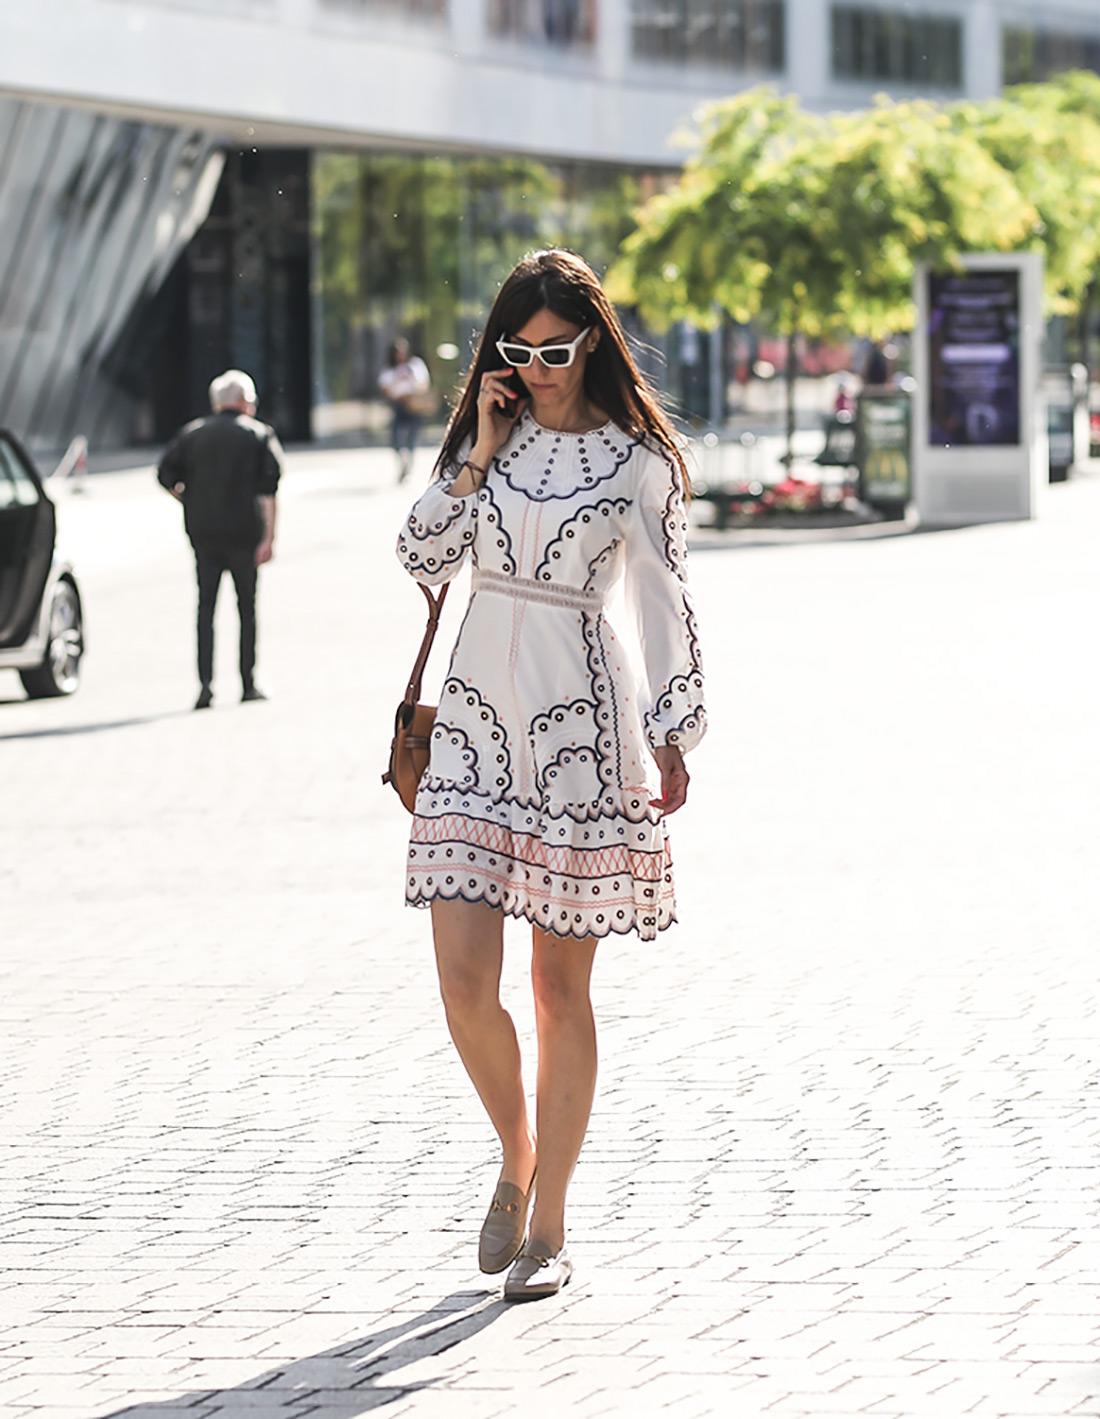 rupičaste haljine ljeto 2020 zagrebačka špica. Zimmermann rupičasta haljina na zagrebačkim ulicama / foto: stylezagreb